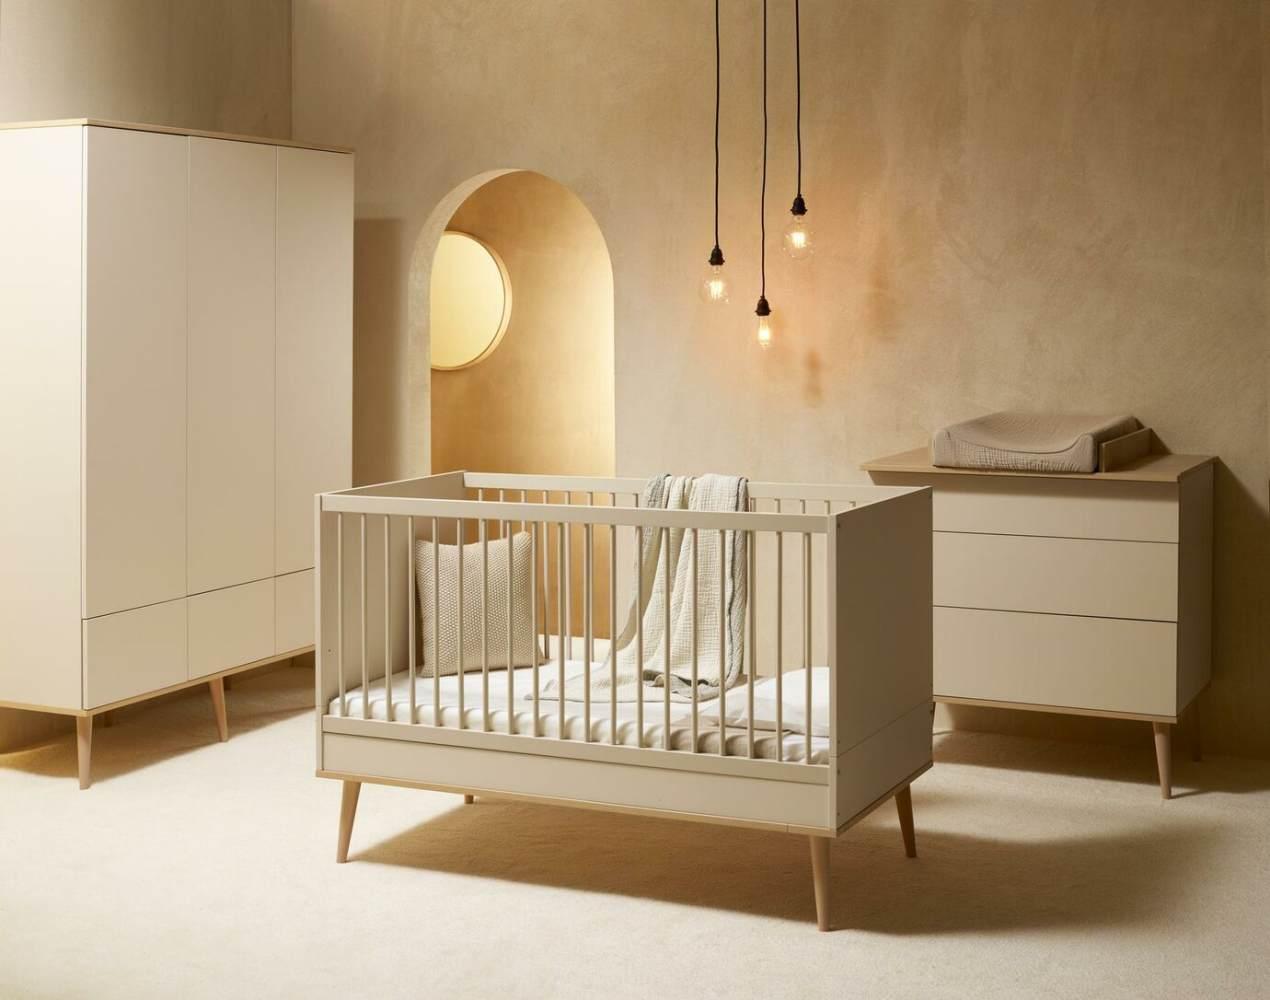 Quax 'Flow' 3-tlg. Kinderzimmerset, Clay & Oak, aus Bett 60 x 120 cm, Wickelkommode und 2-trg. Kleiderschrank Bild 1